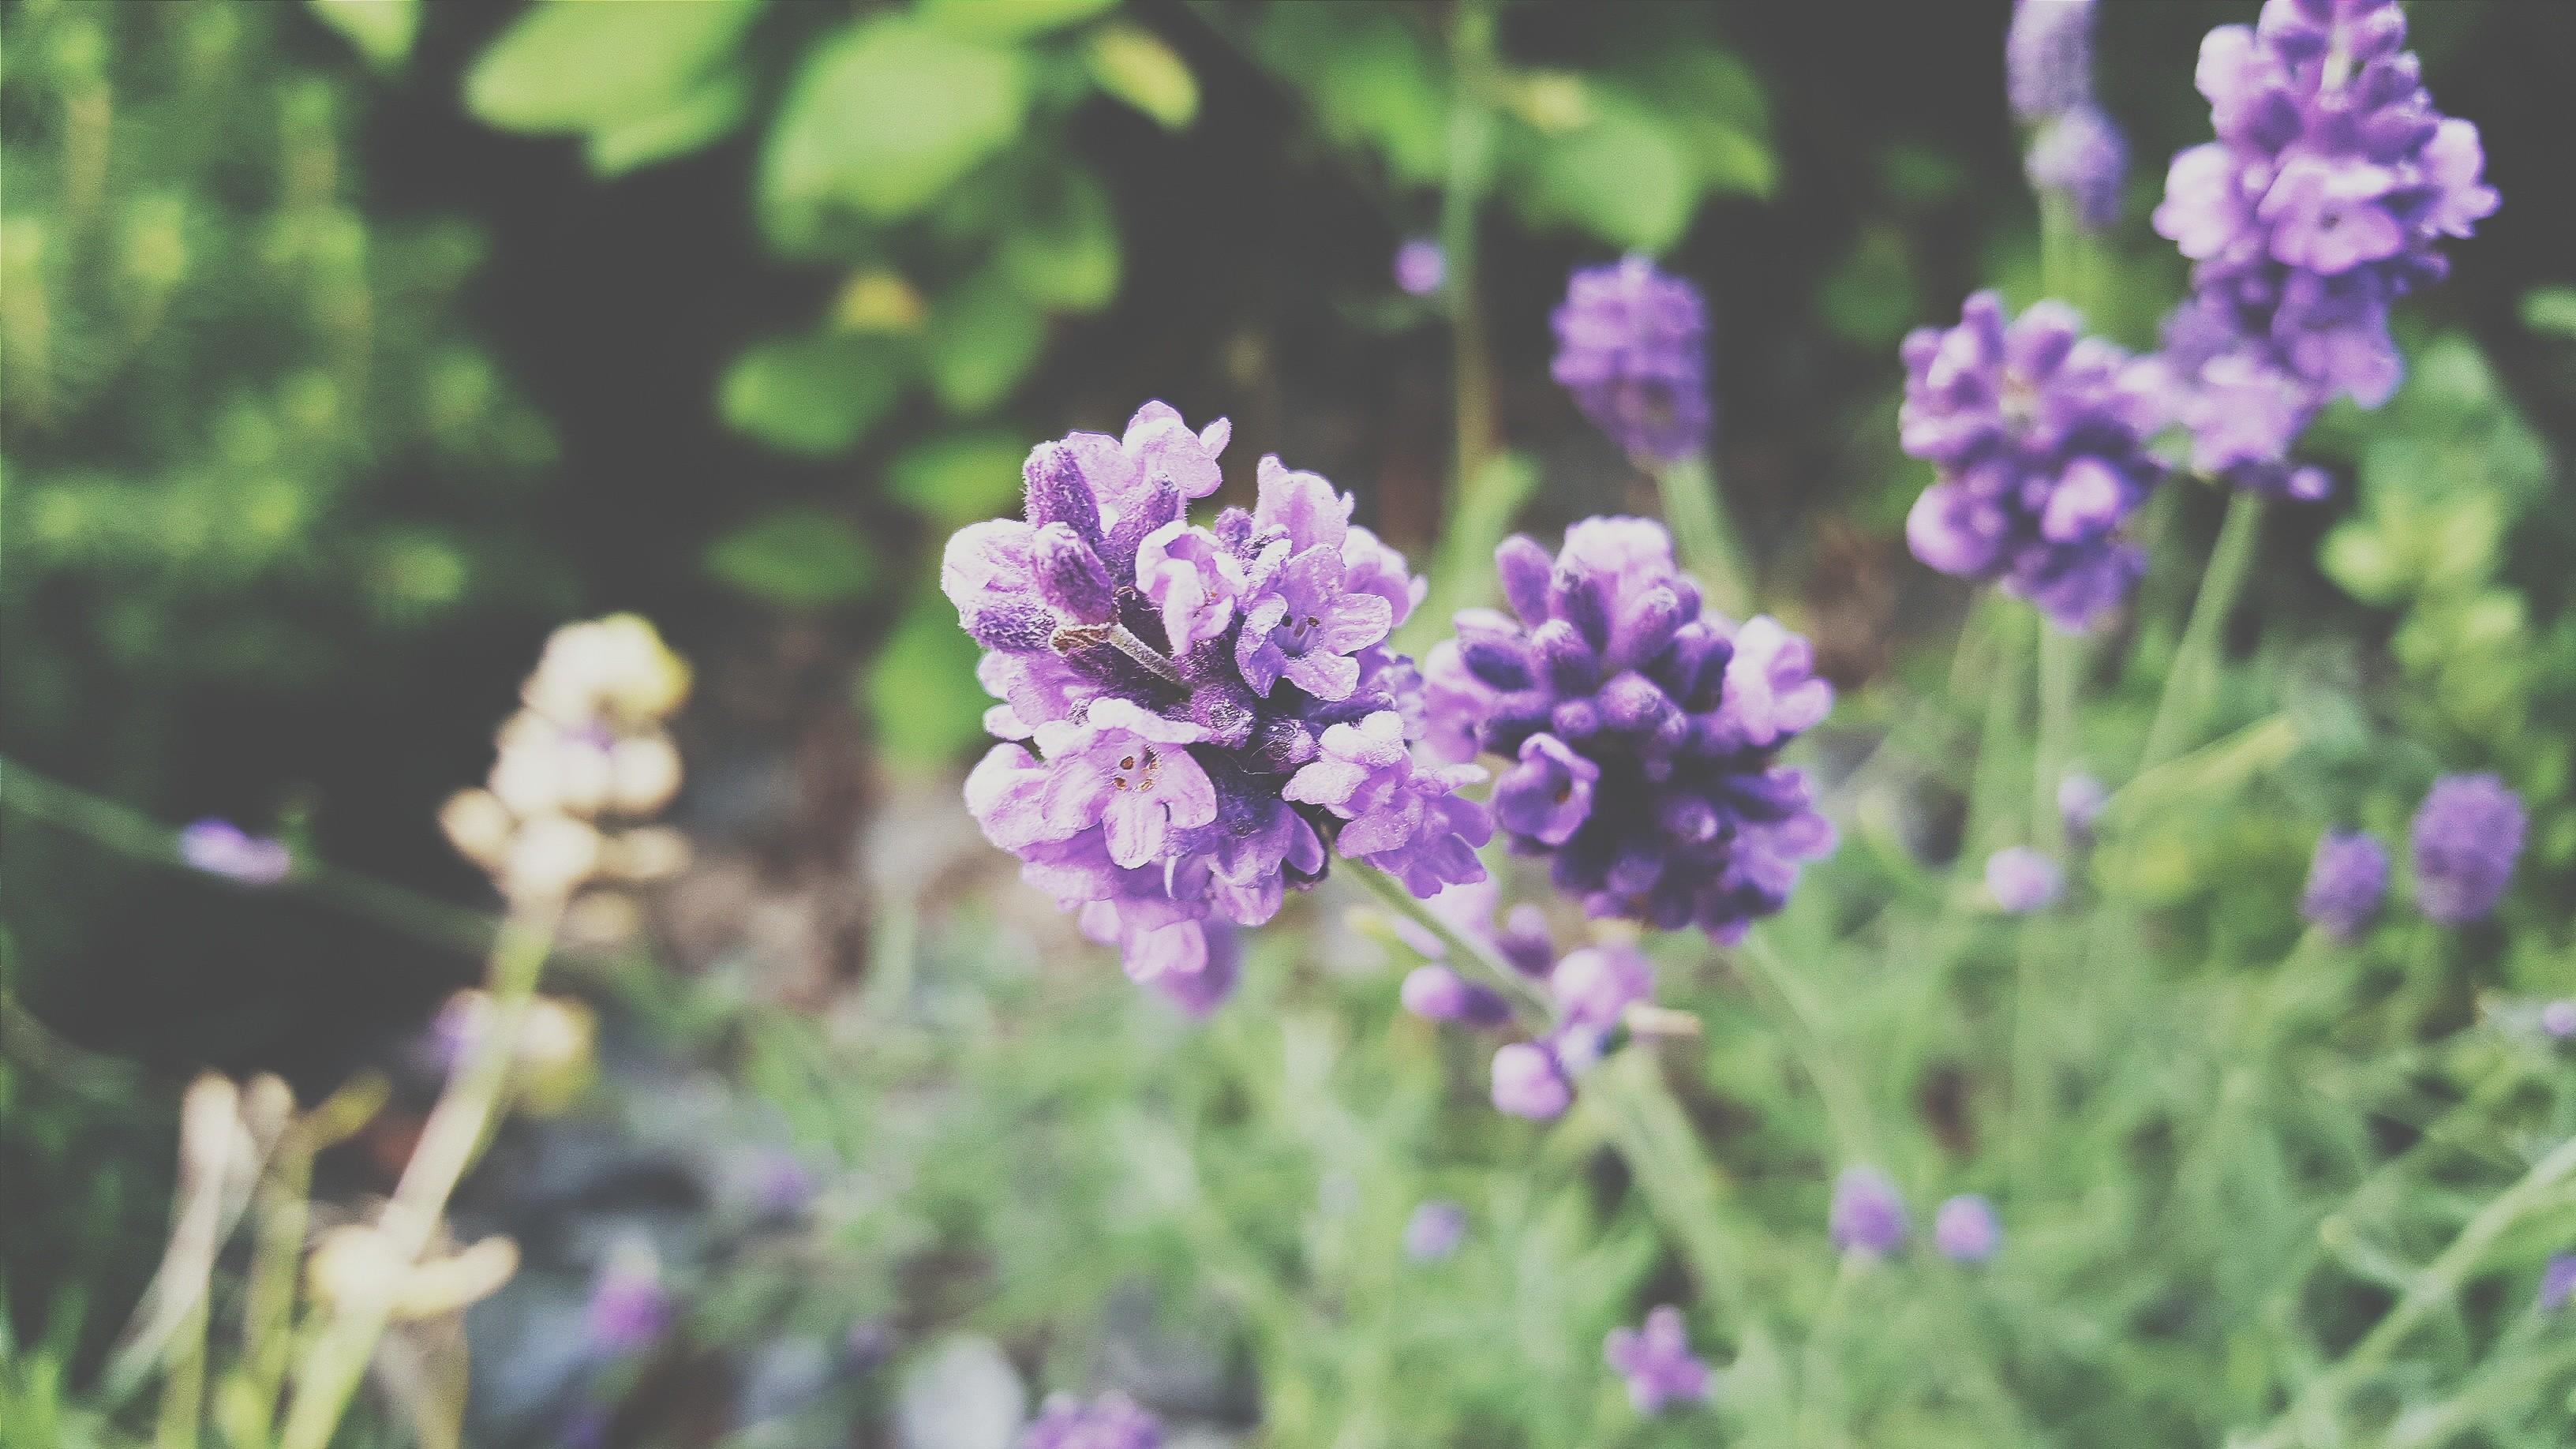 Hình nền : Hoa oải hương, Cây cỏ, thực vật, Hệ thực vật, Hoa ...